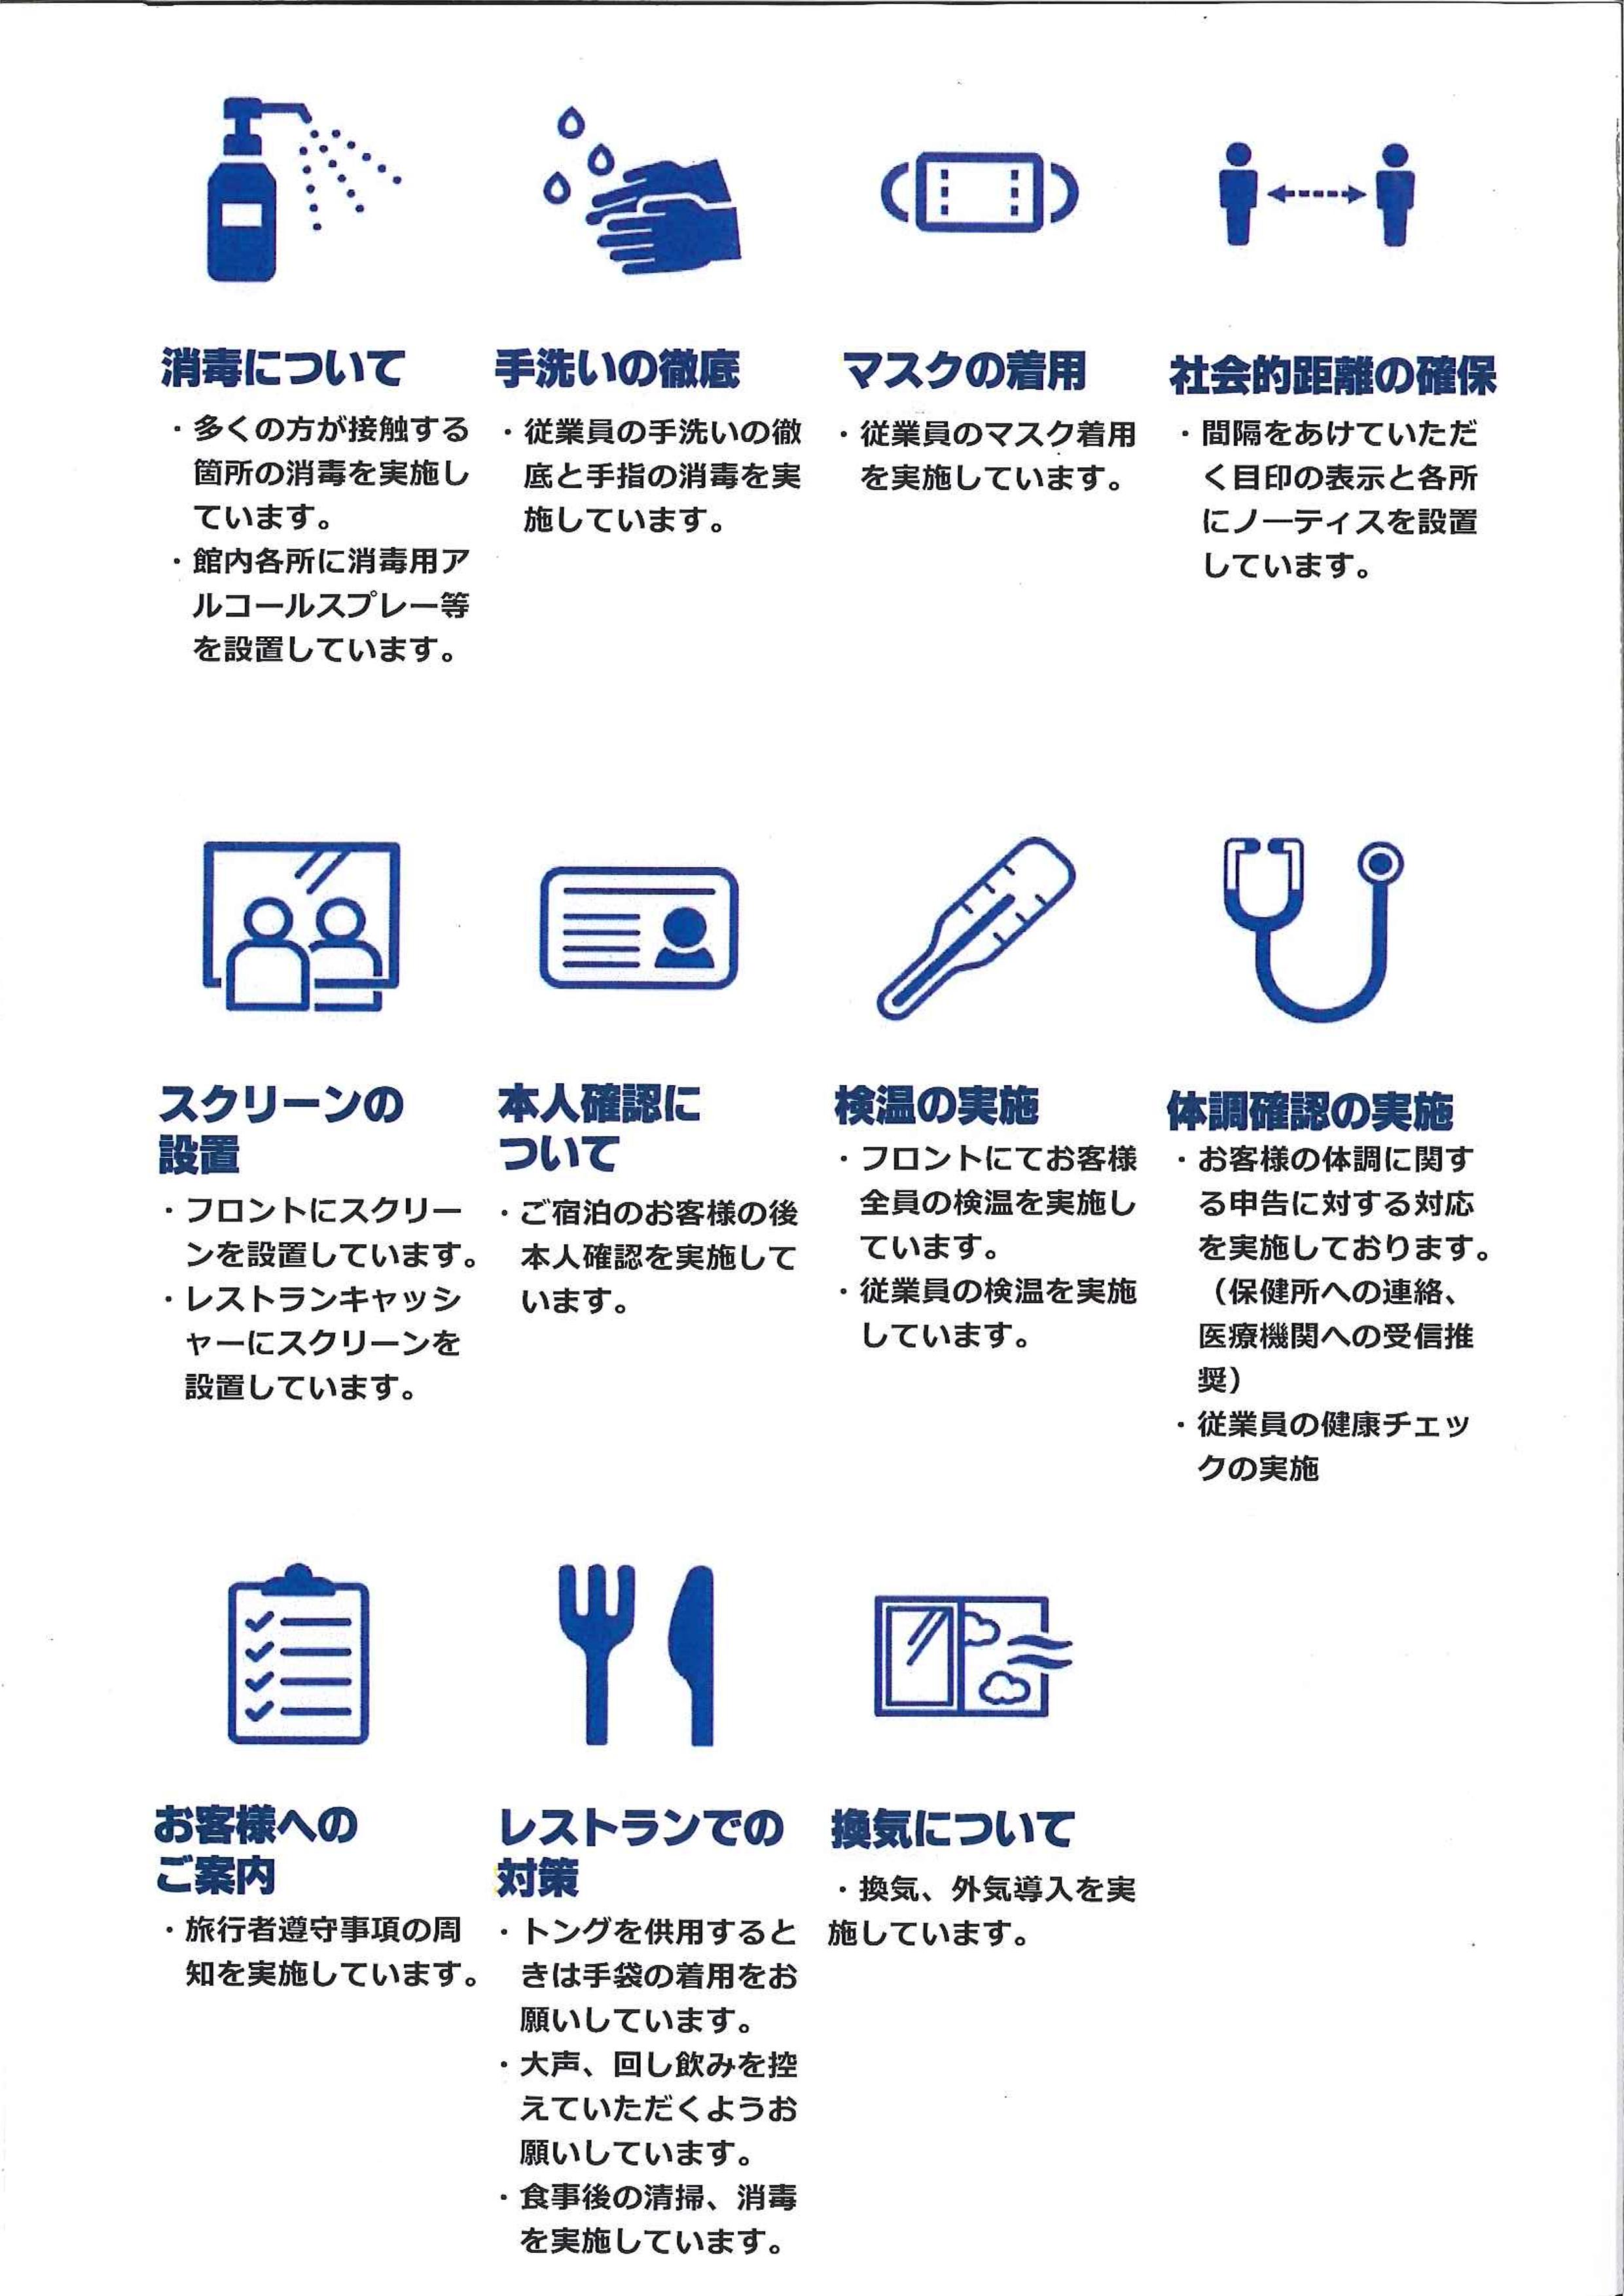 ウイルス 秋田 県 コロナ